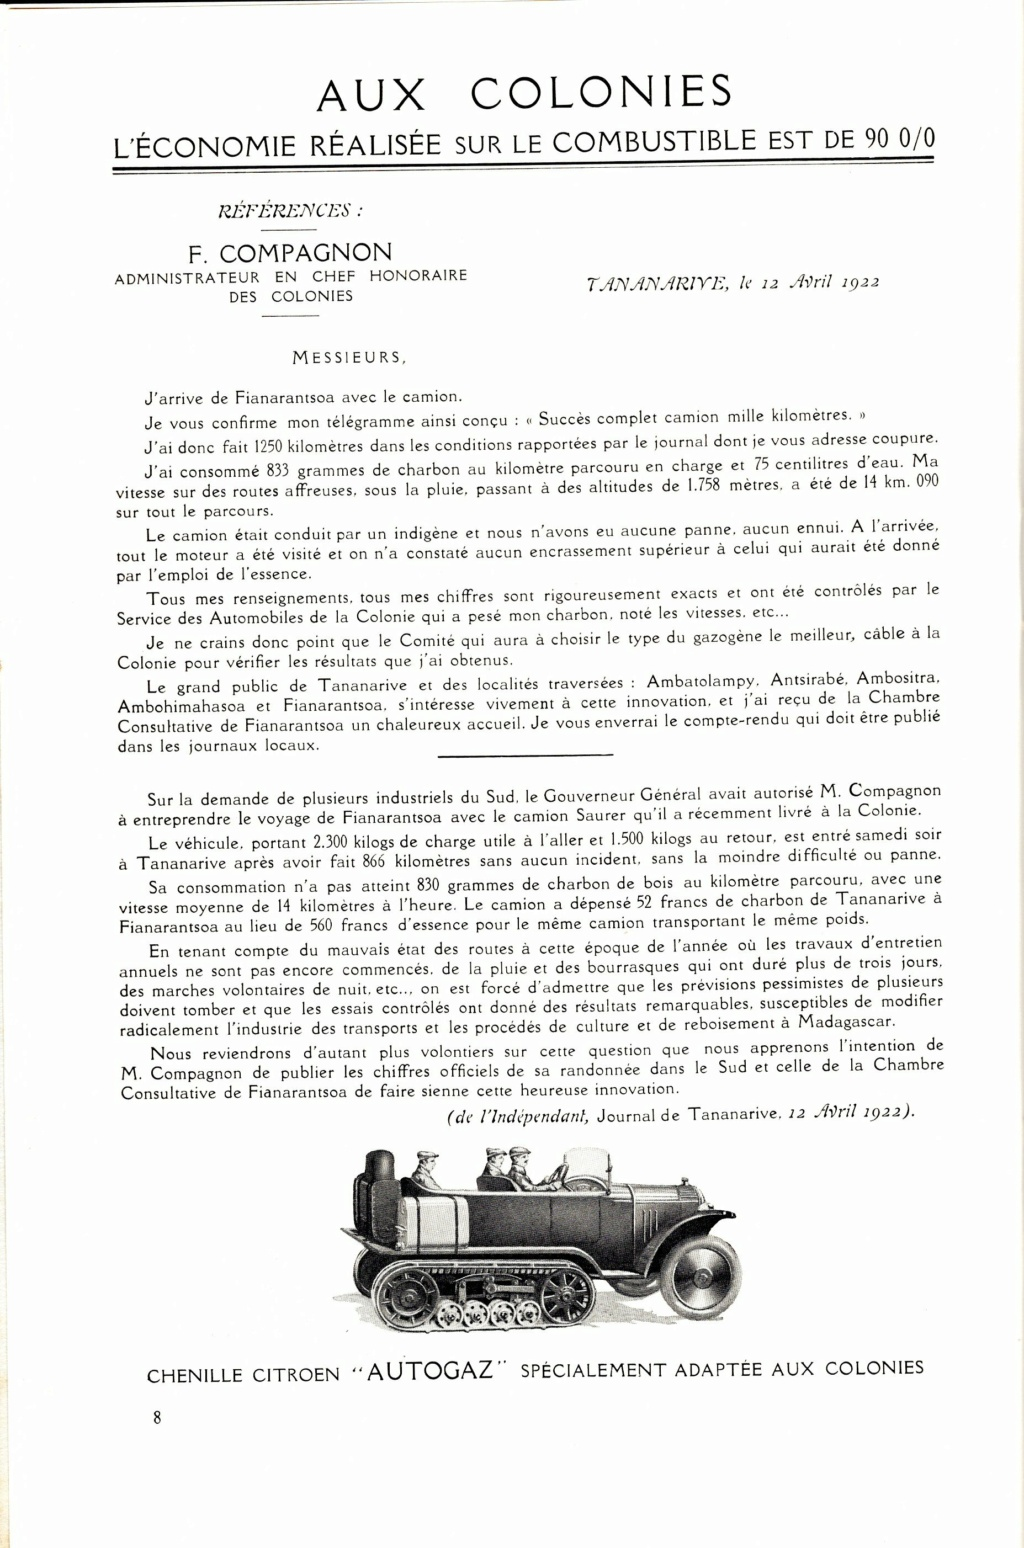 gazogene - Page 11 Img20453